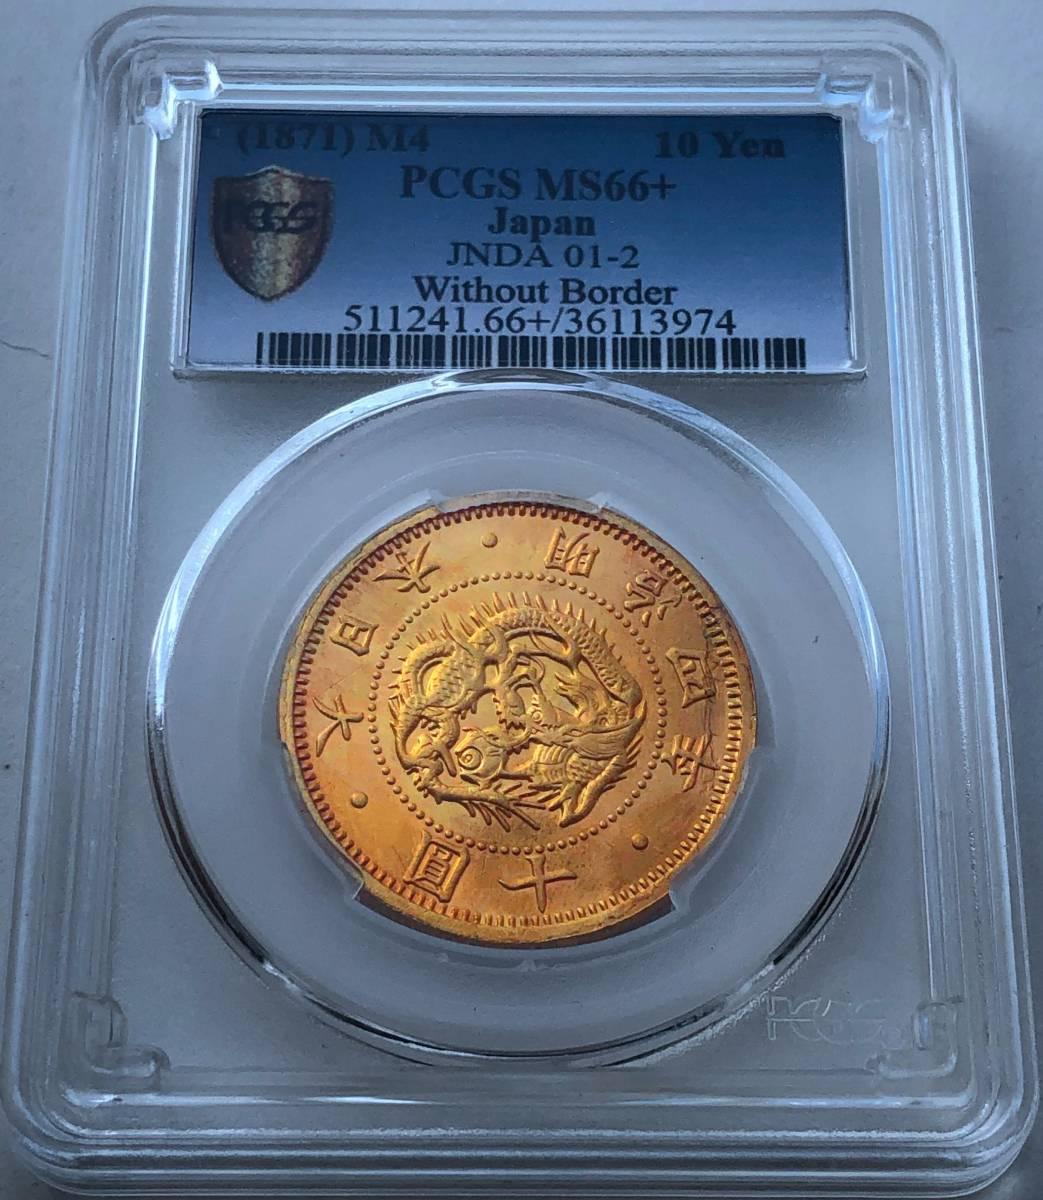 明治 4年 旧 10円金 貨 P C G SーMS66+